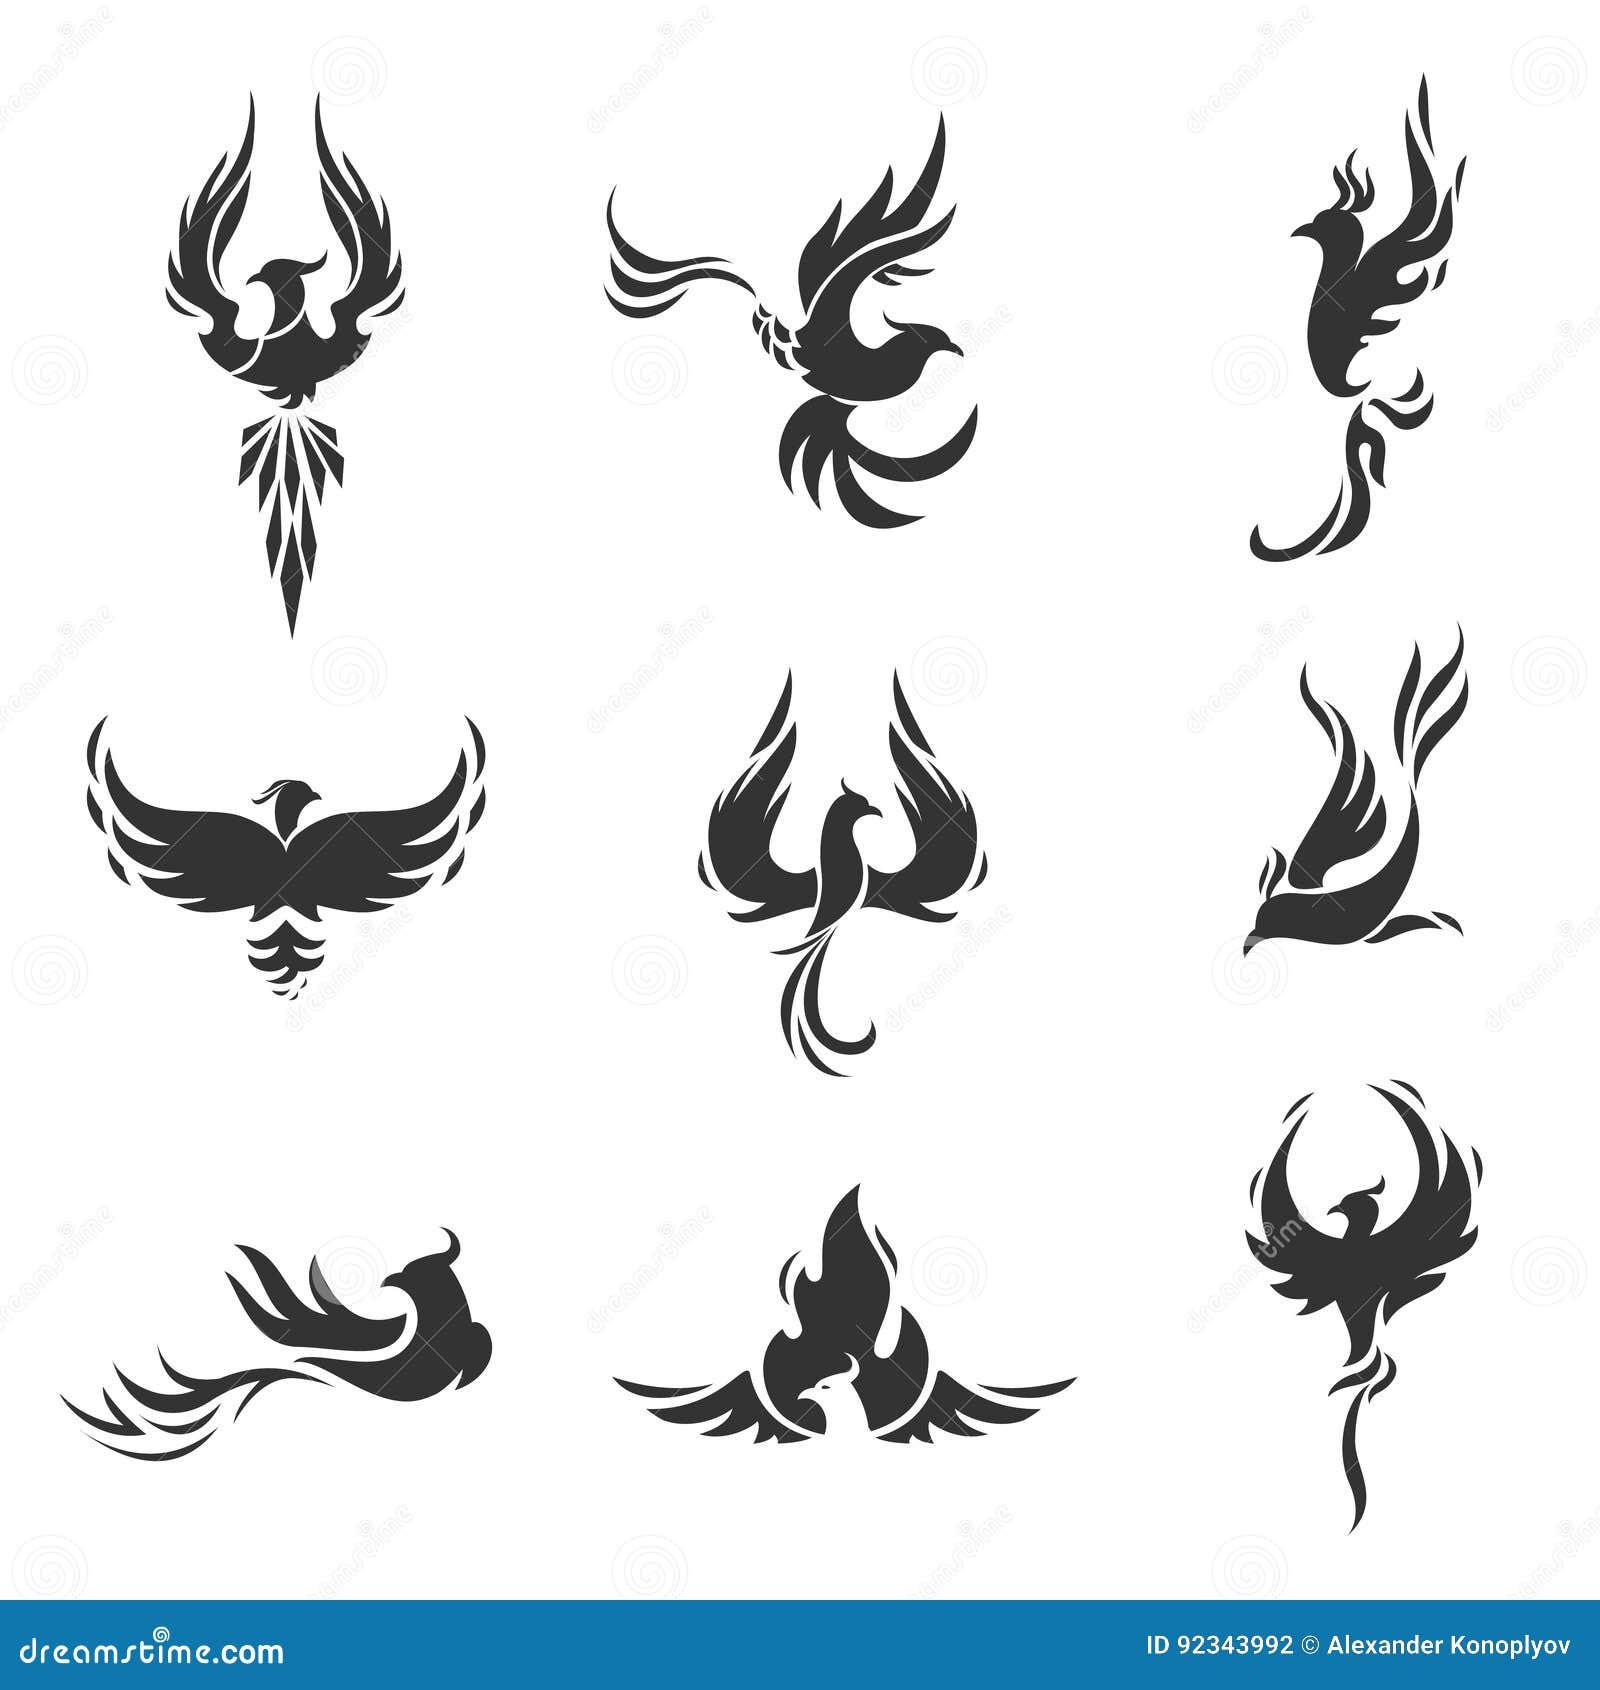 Stilisierte Ikonen Phoenix Vogels Auf Weißem Hintergrund Vektor